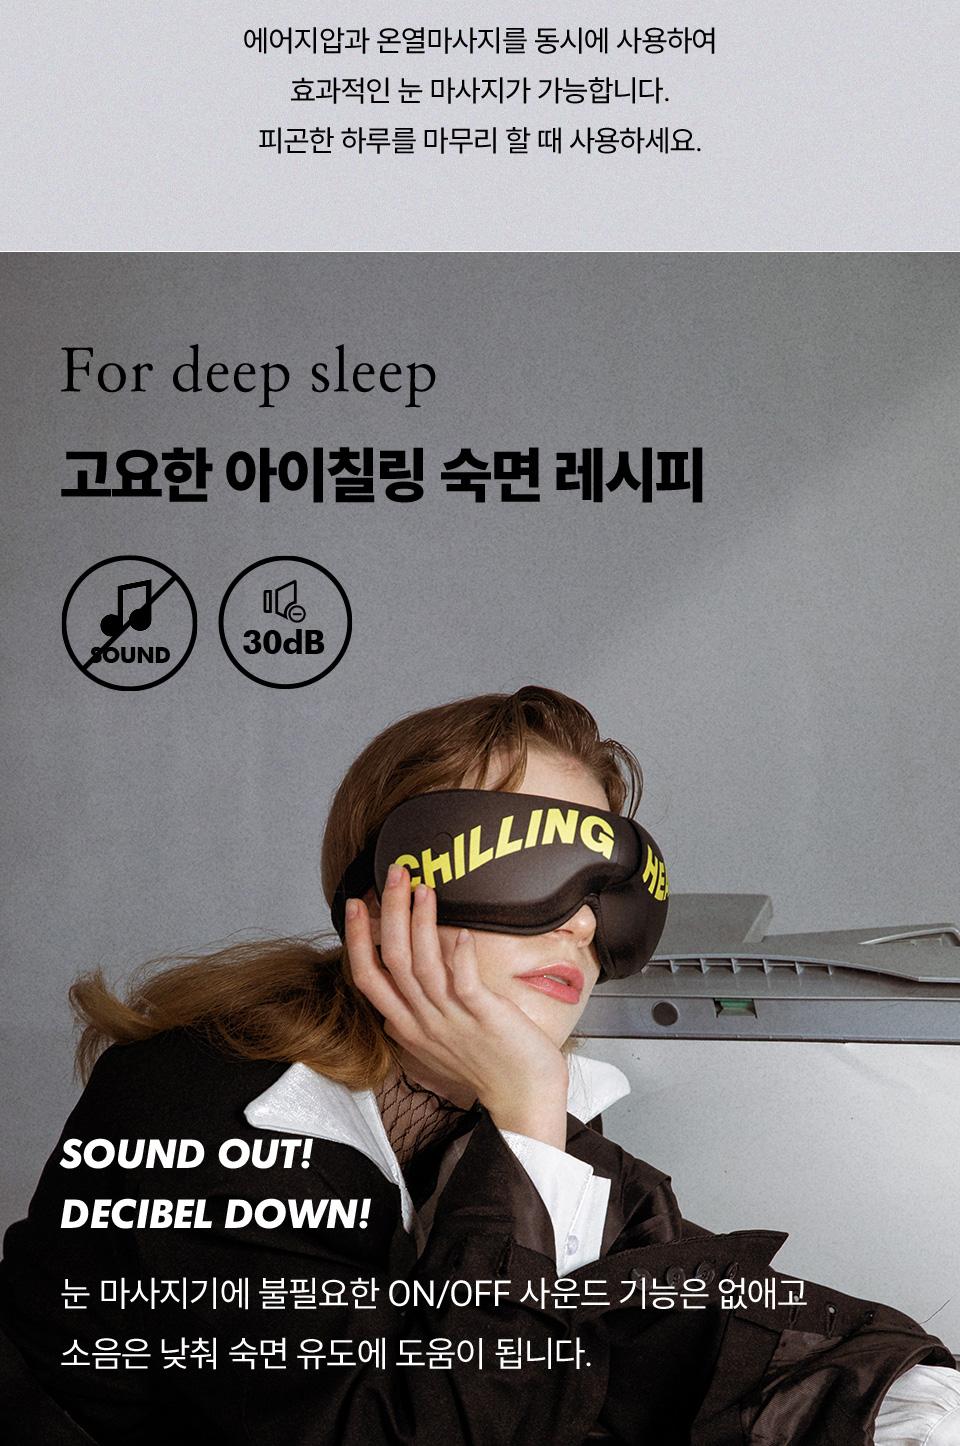 힐링칠링_눈마사지기_9